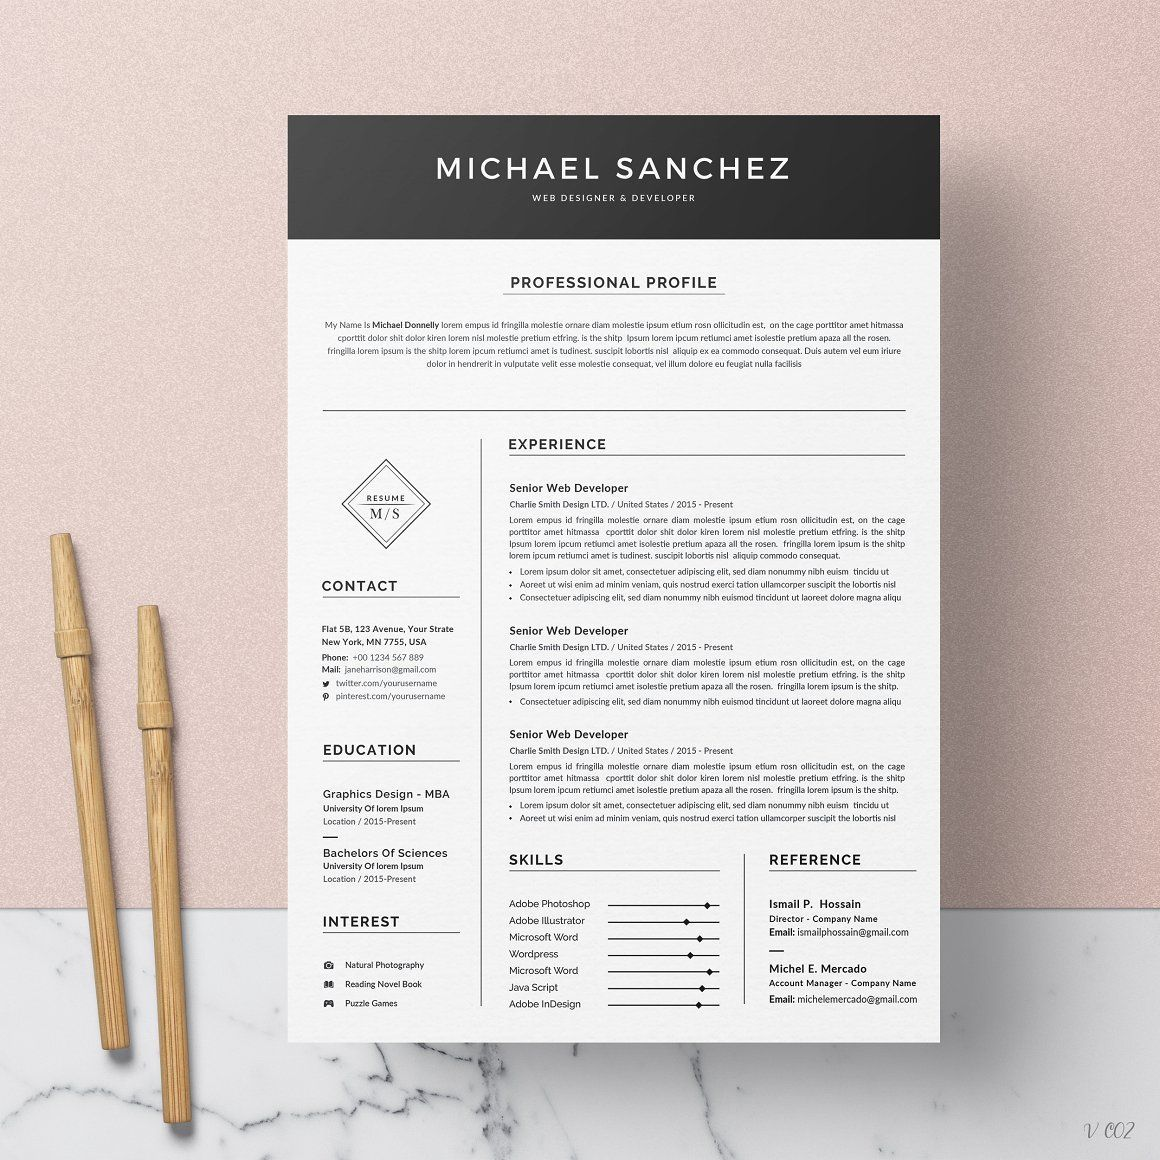 Word Resume/CV in 2020 Resume words, Resume cv, Resume